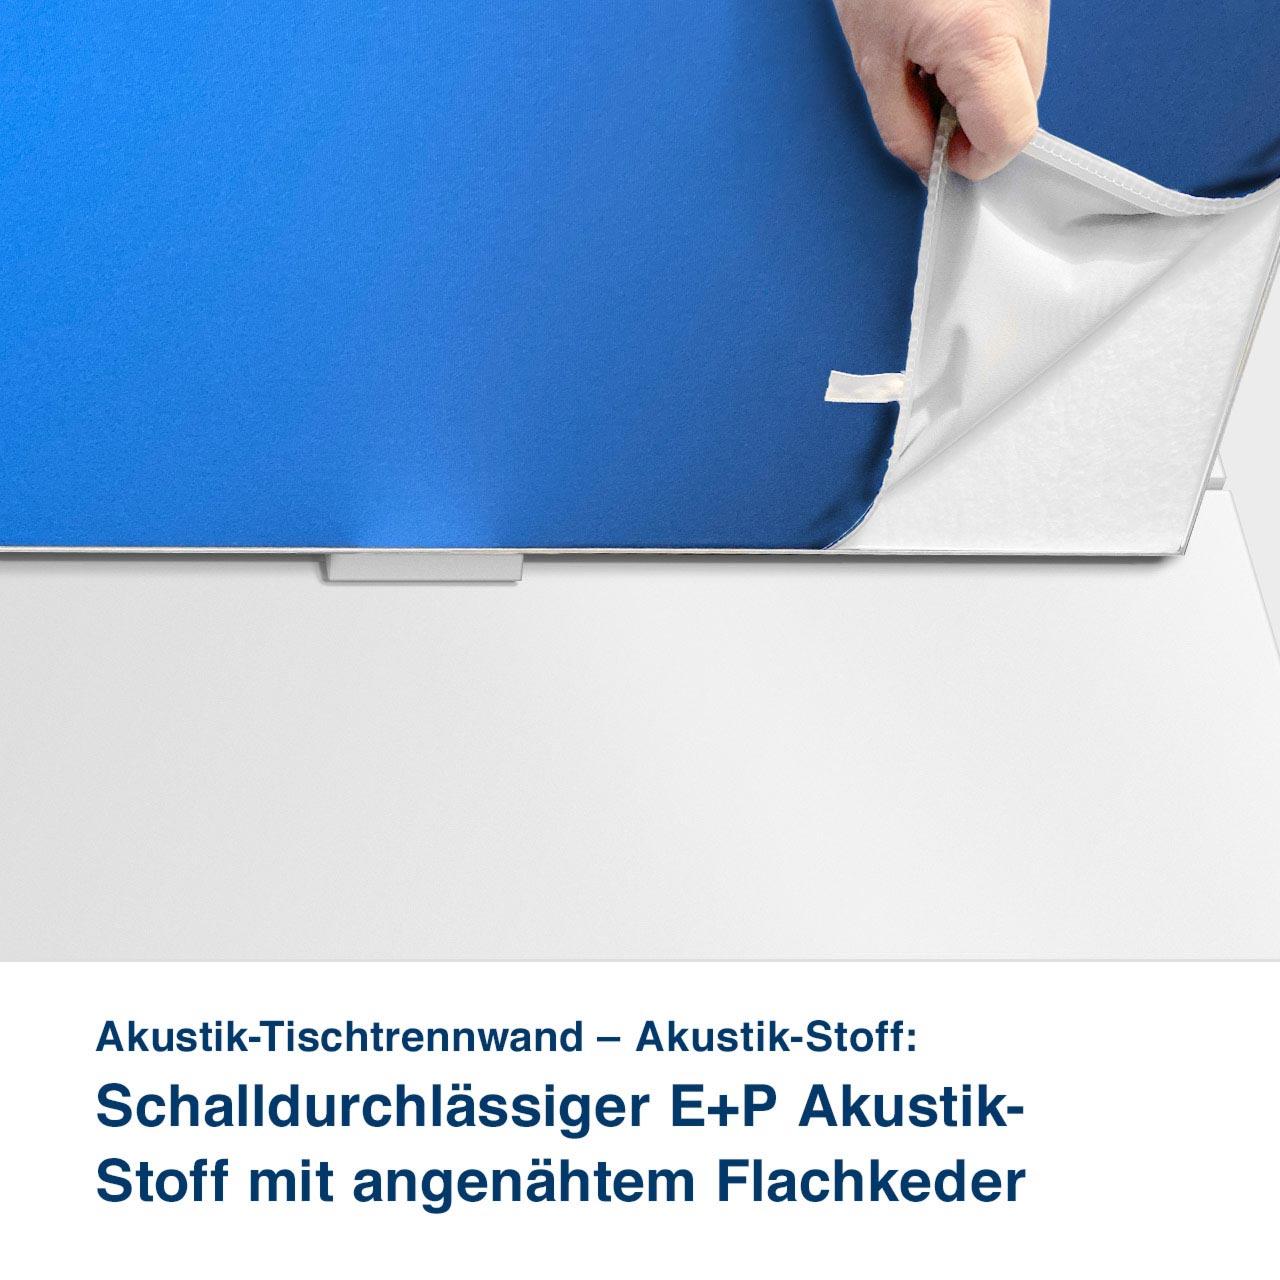 Akustik-Tischtrennwand – Akustik-Stoff:   Schalldurchlässiger E+P Akustik-  Stoff mit angenähtem Flachkeder